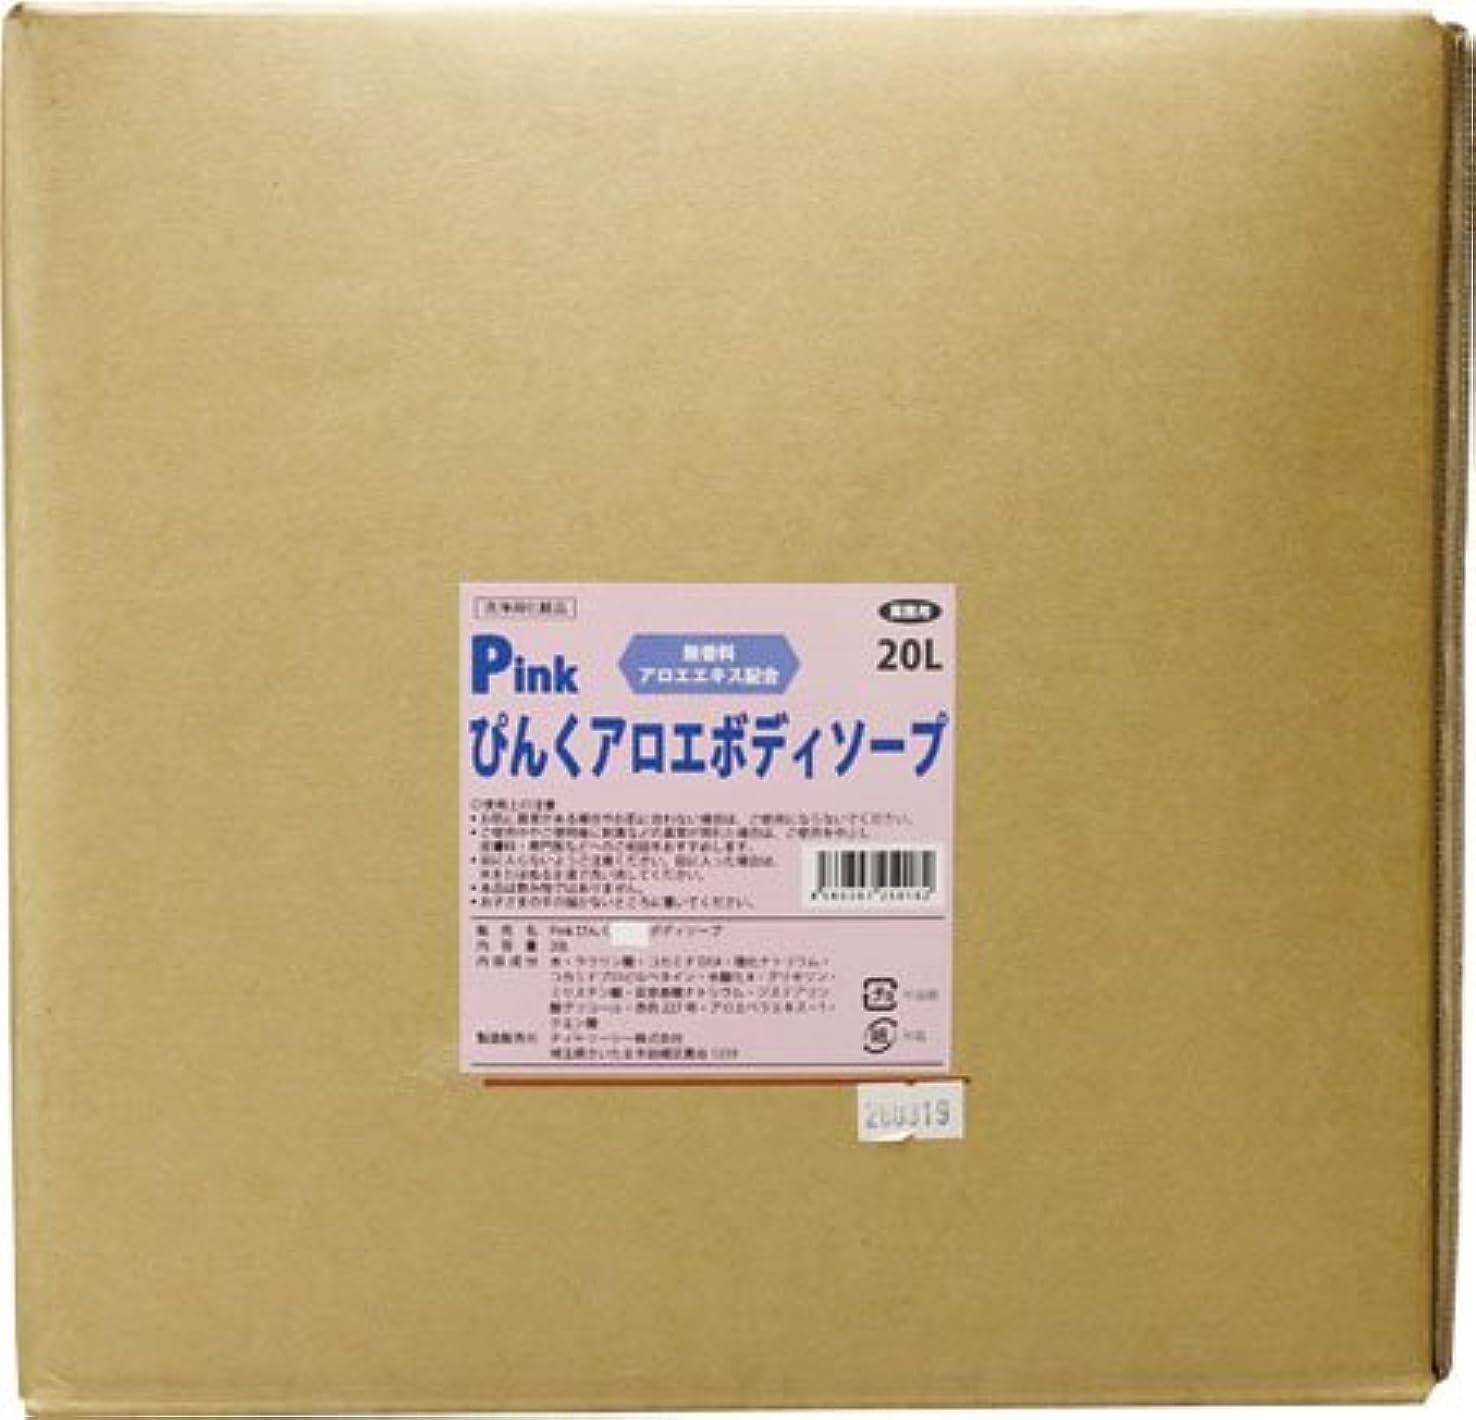 発掘キルス密度【無香料】【アロエ成分配合】モナミPINKぴんくボディソープ20L